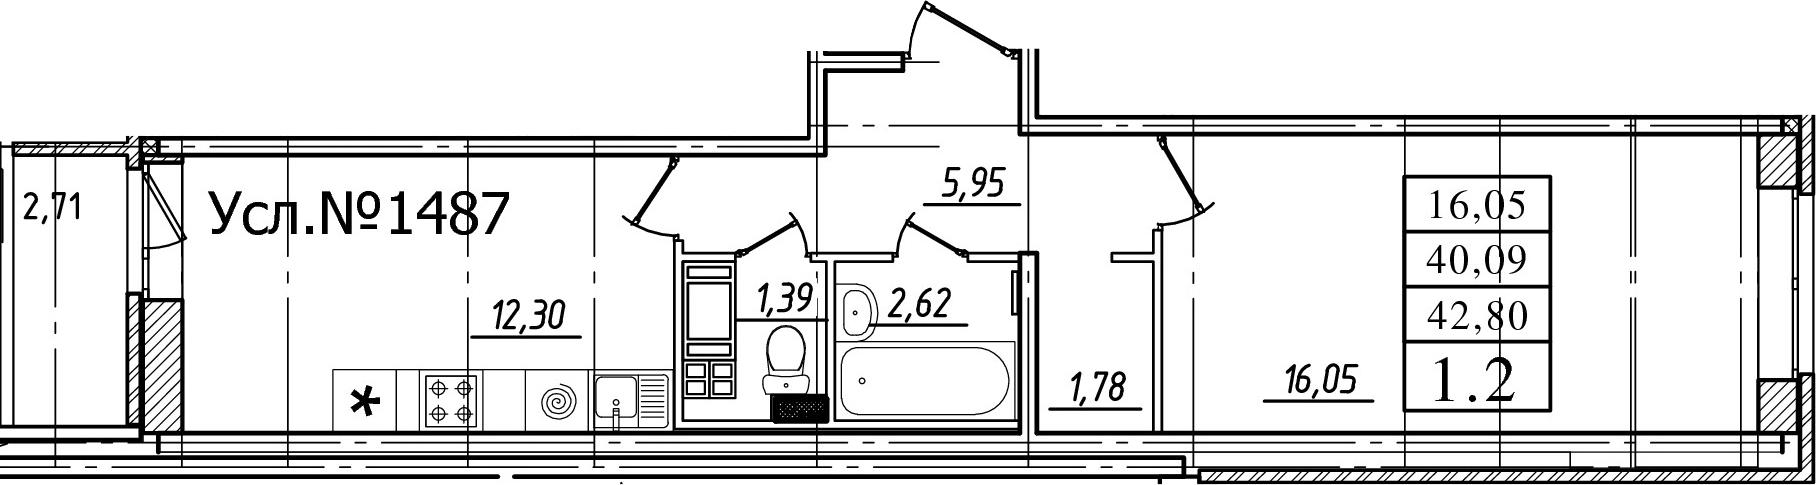 1-комнатная, 40.09 м²– 2